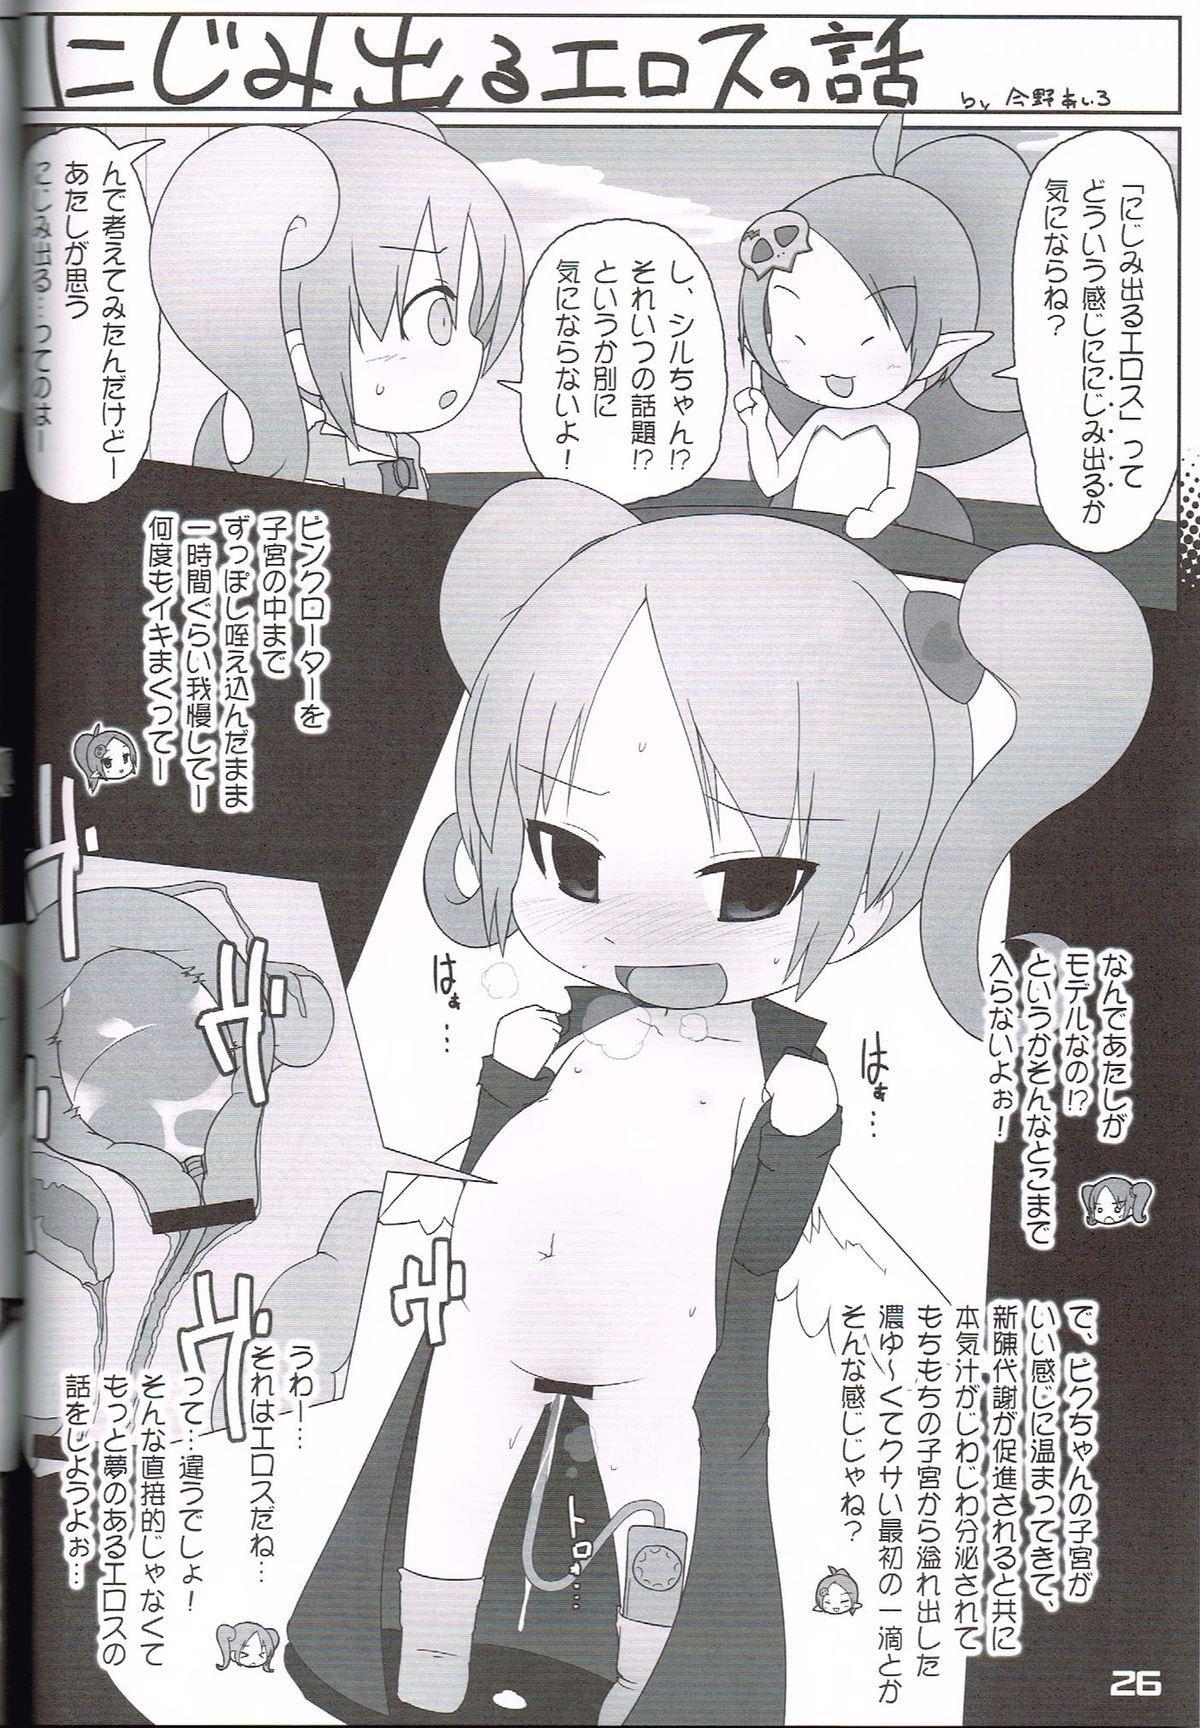 """Hatashite Konofuyu Nansatsu no Doujinshi ga """"○○ Fairies"""" Toiu Title Darouka 24"""